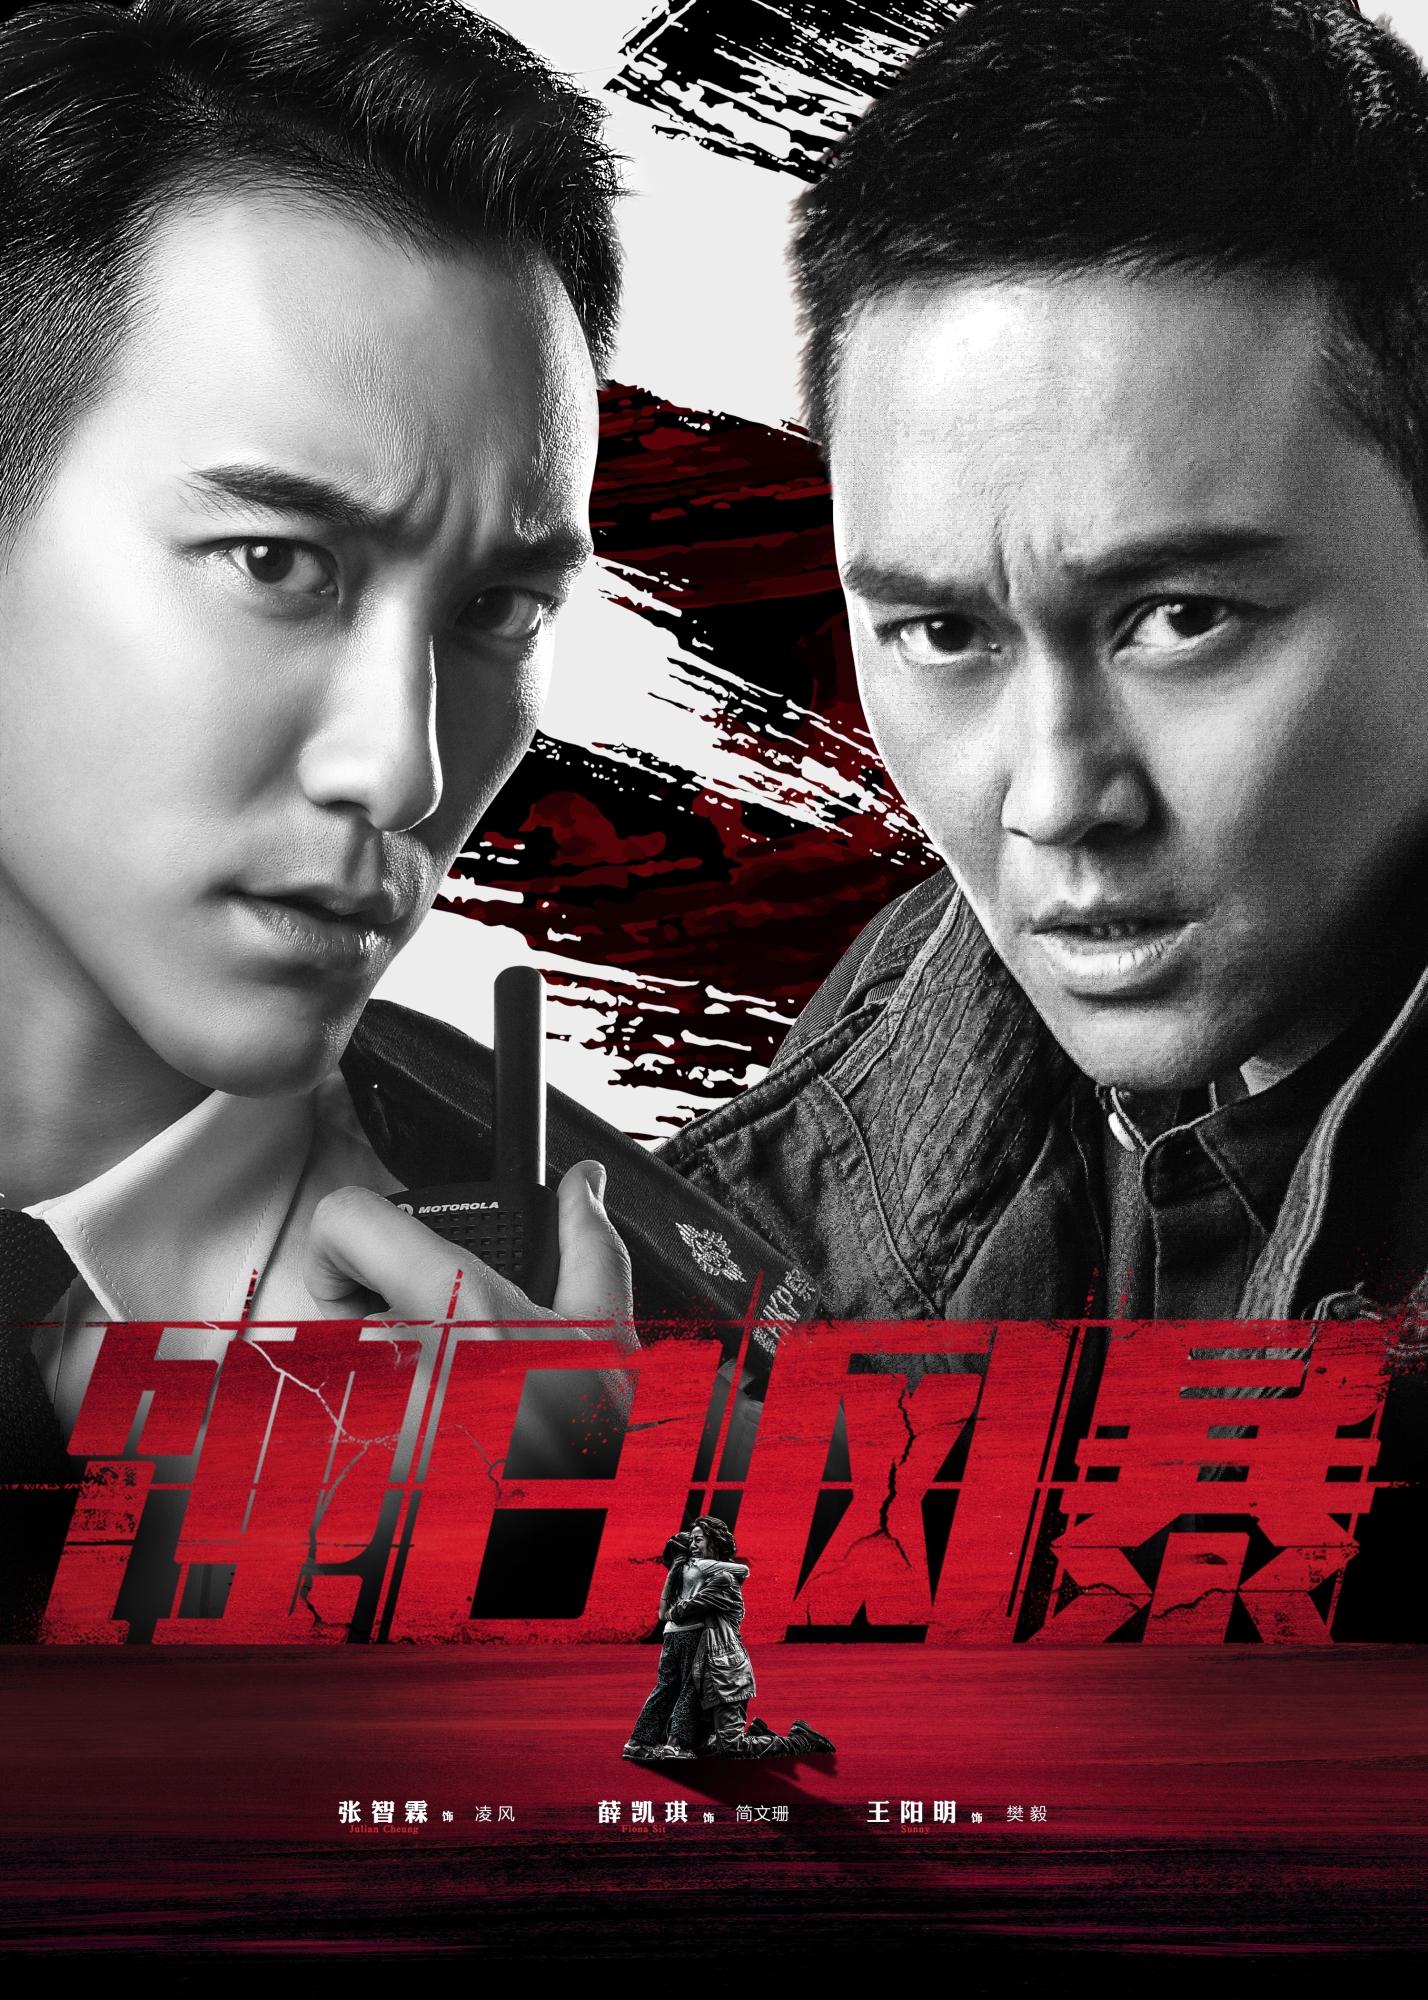 《蚀日风暴》曝新预告 张智霖王明阳难敌欲望诱惑